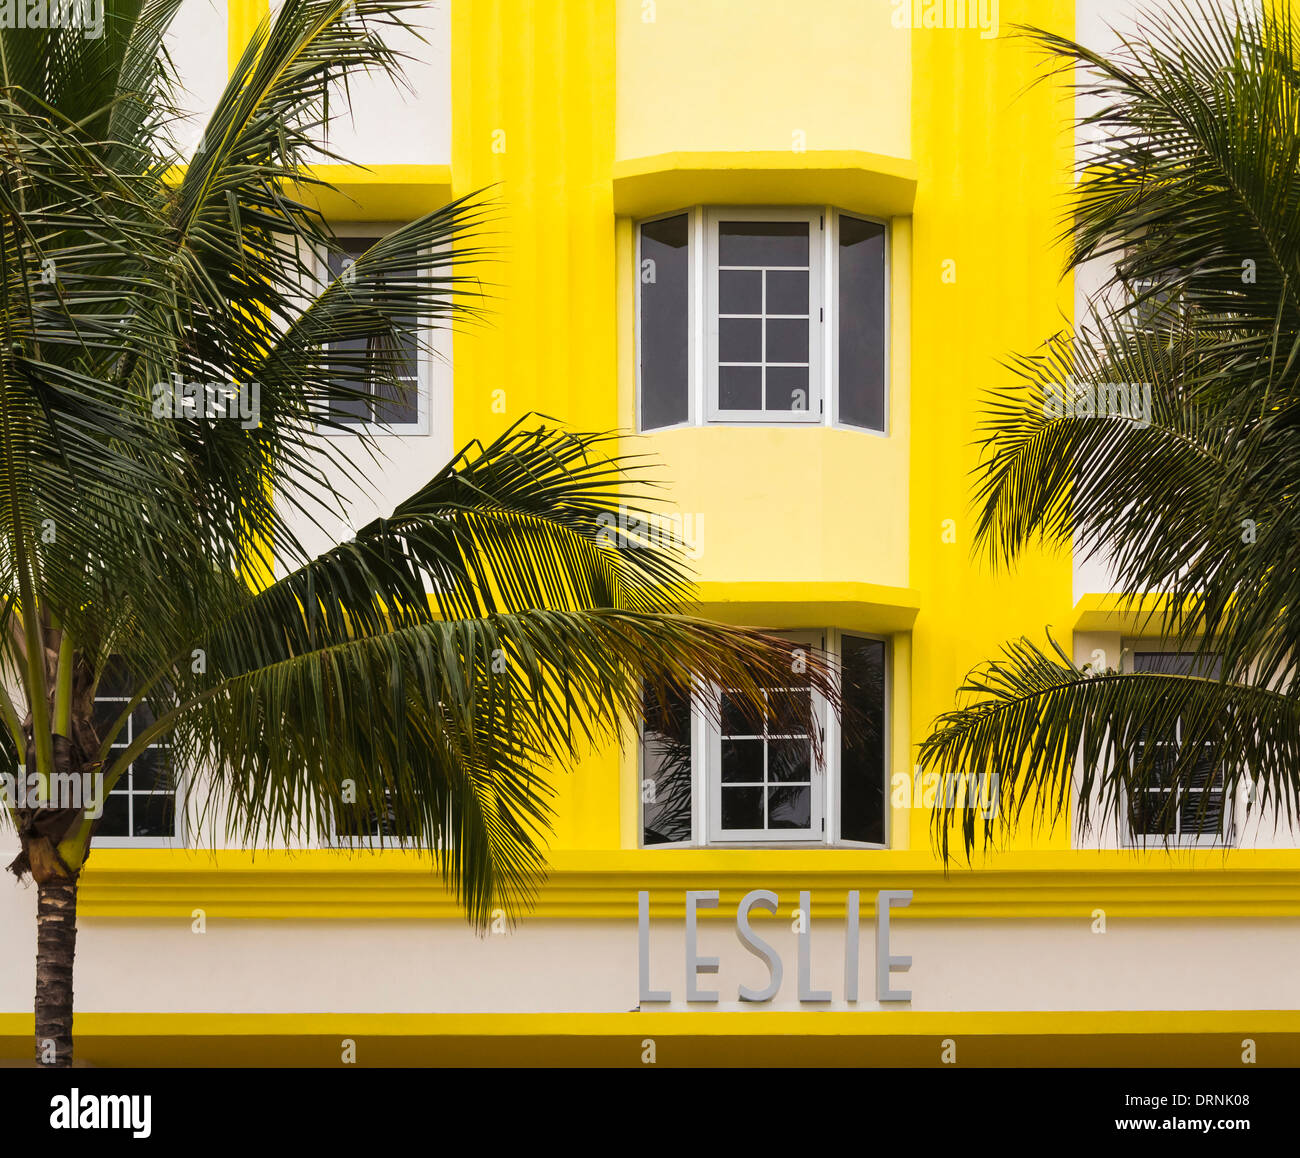 art deco building exterior the leslie hotel miami florida usa